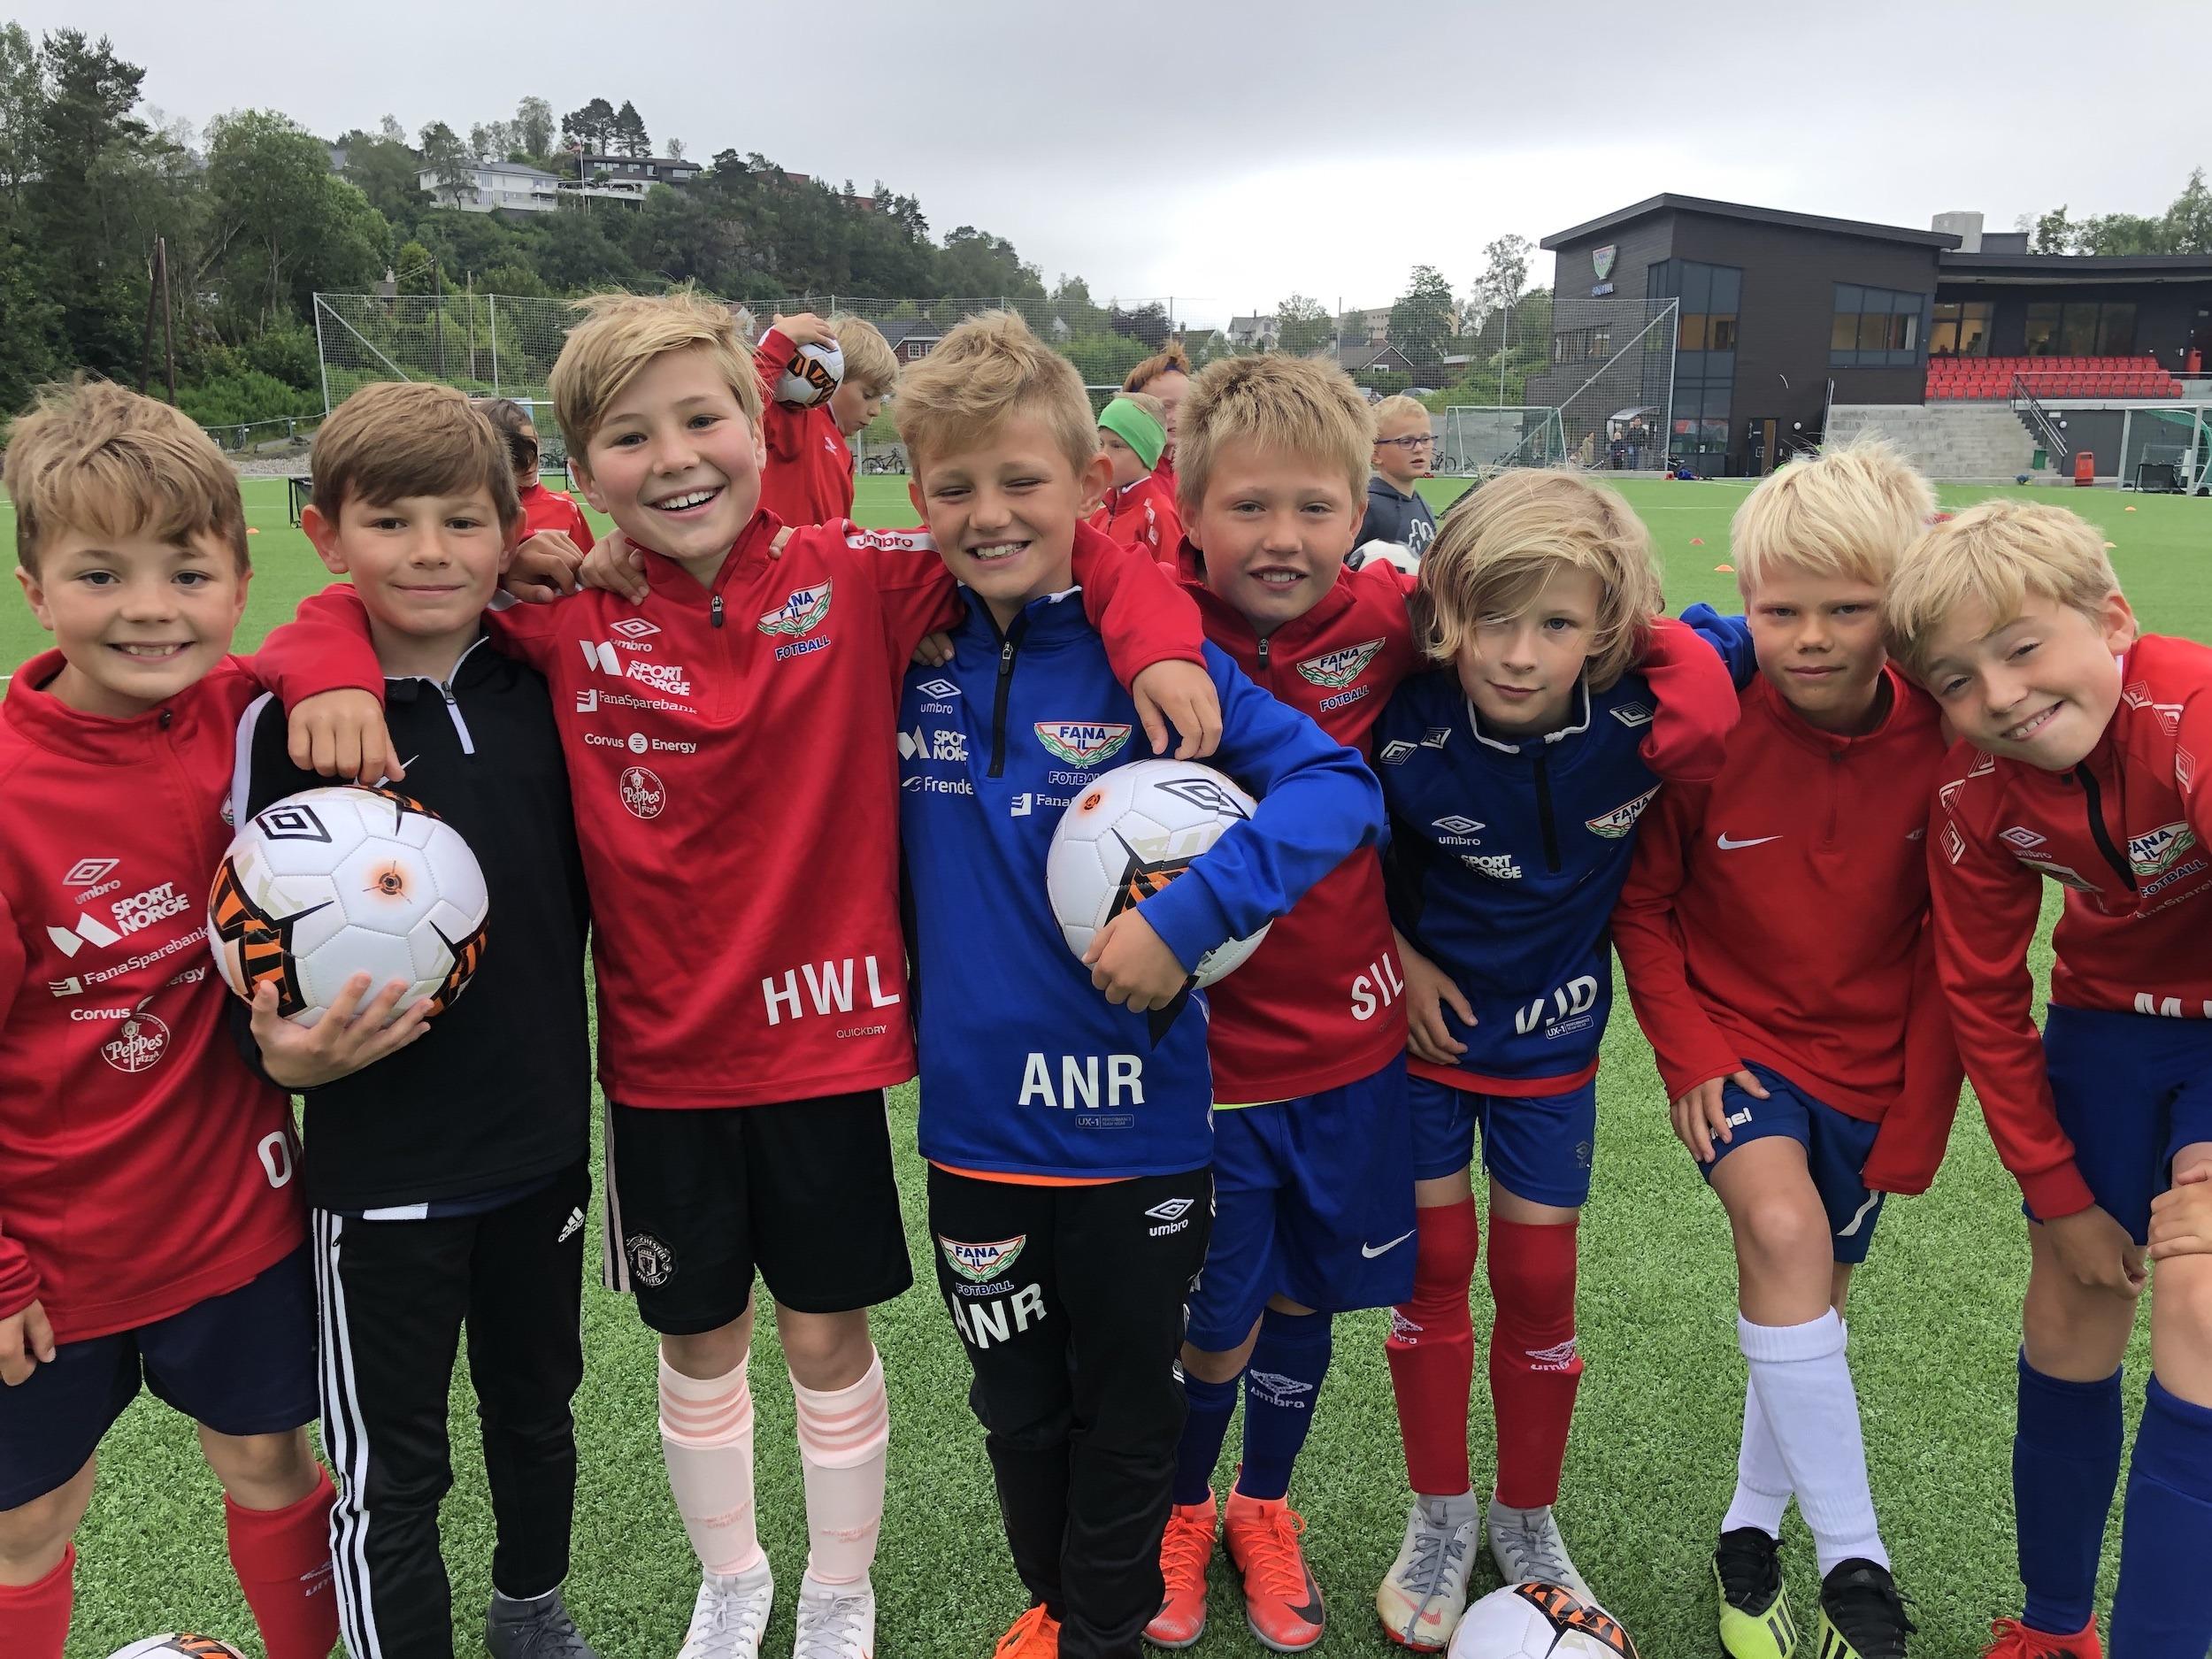 En gruppe unge fotballspillere